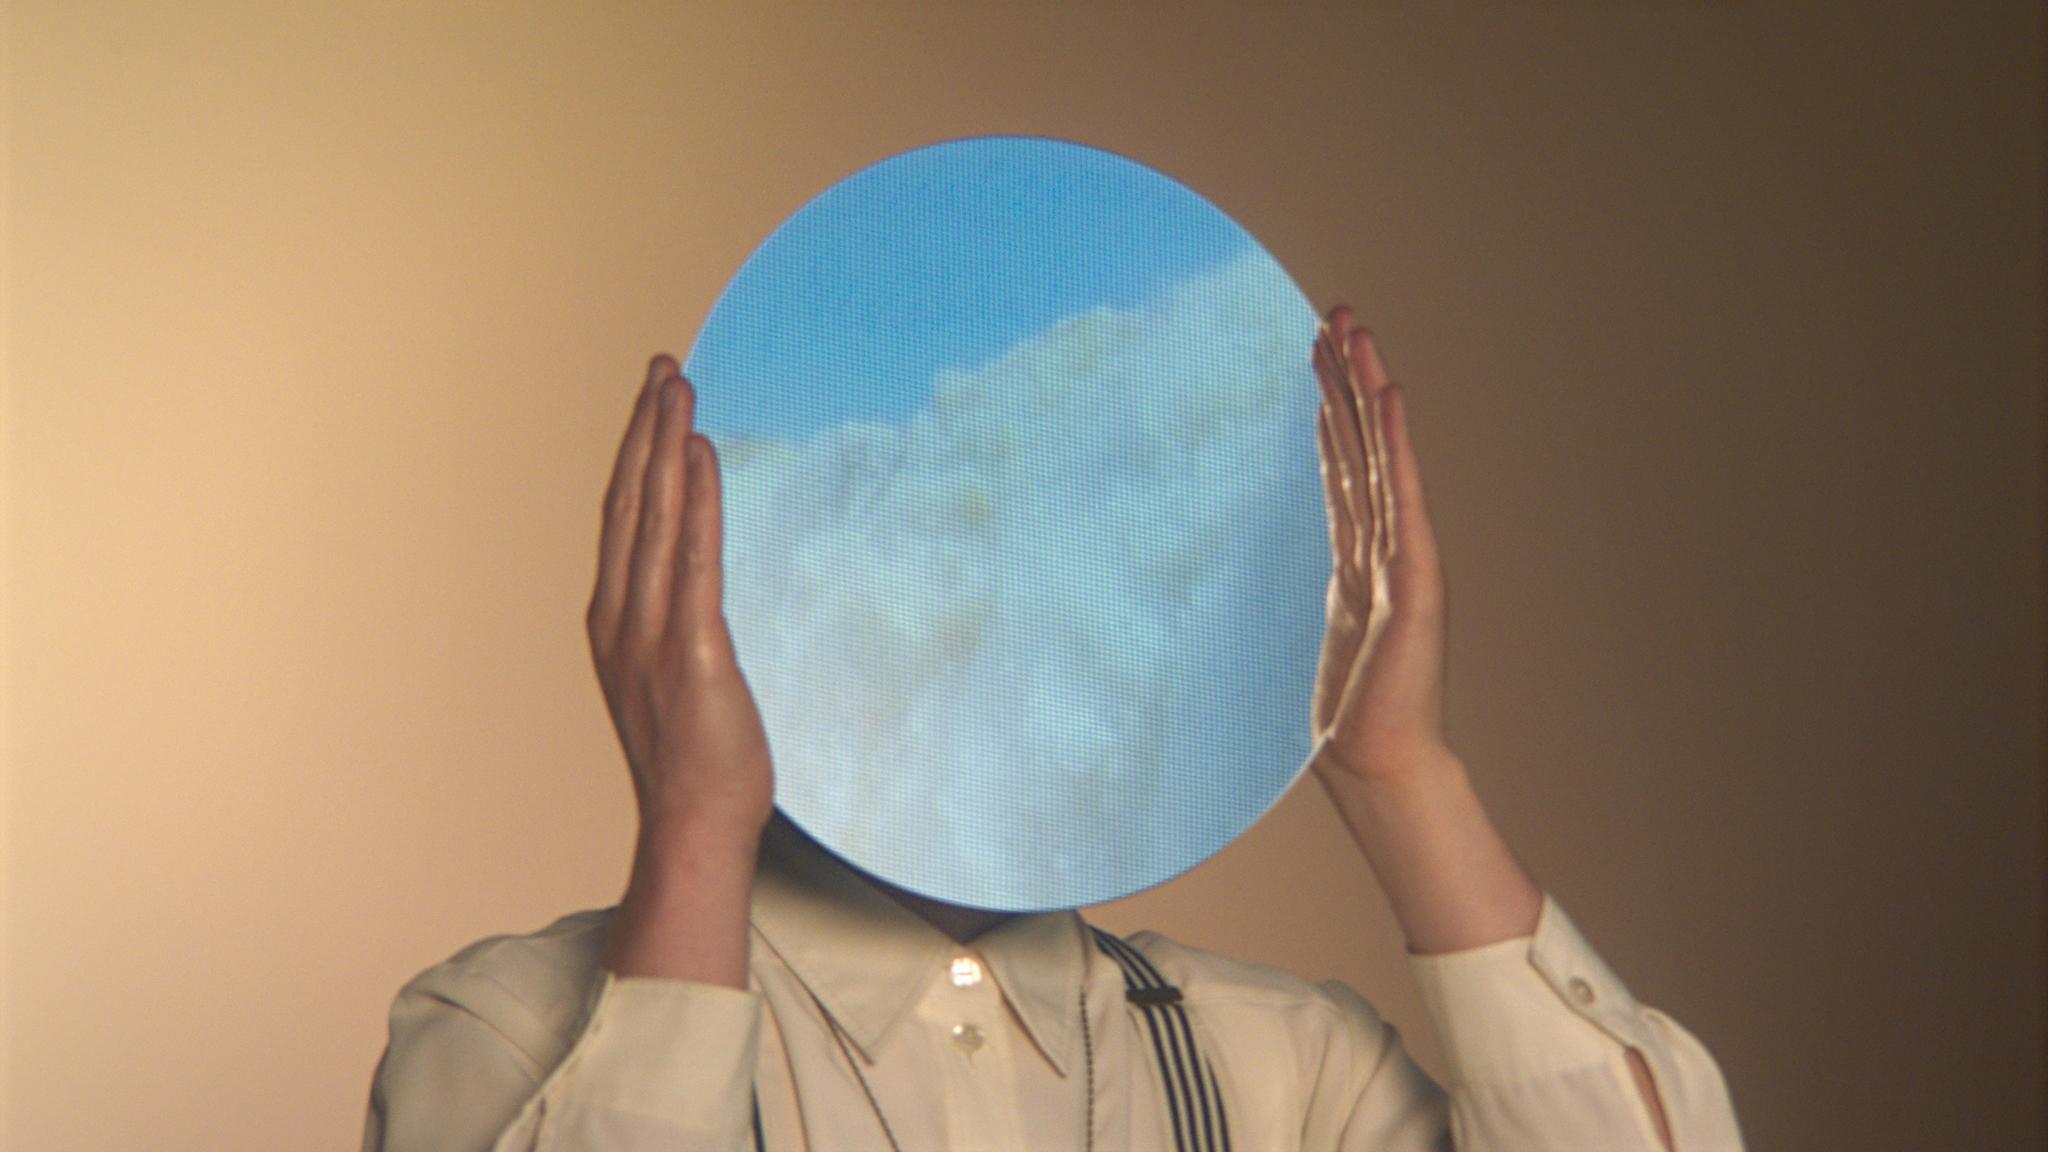 Spiegel |Himmel | Mann | Hände